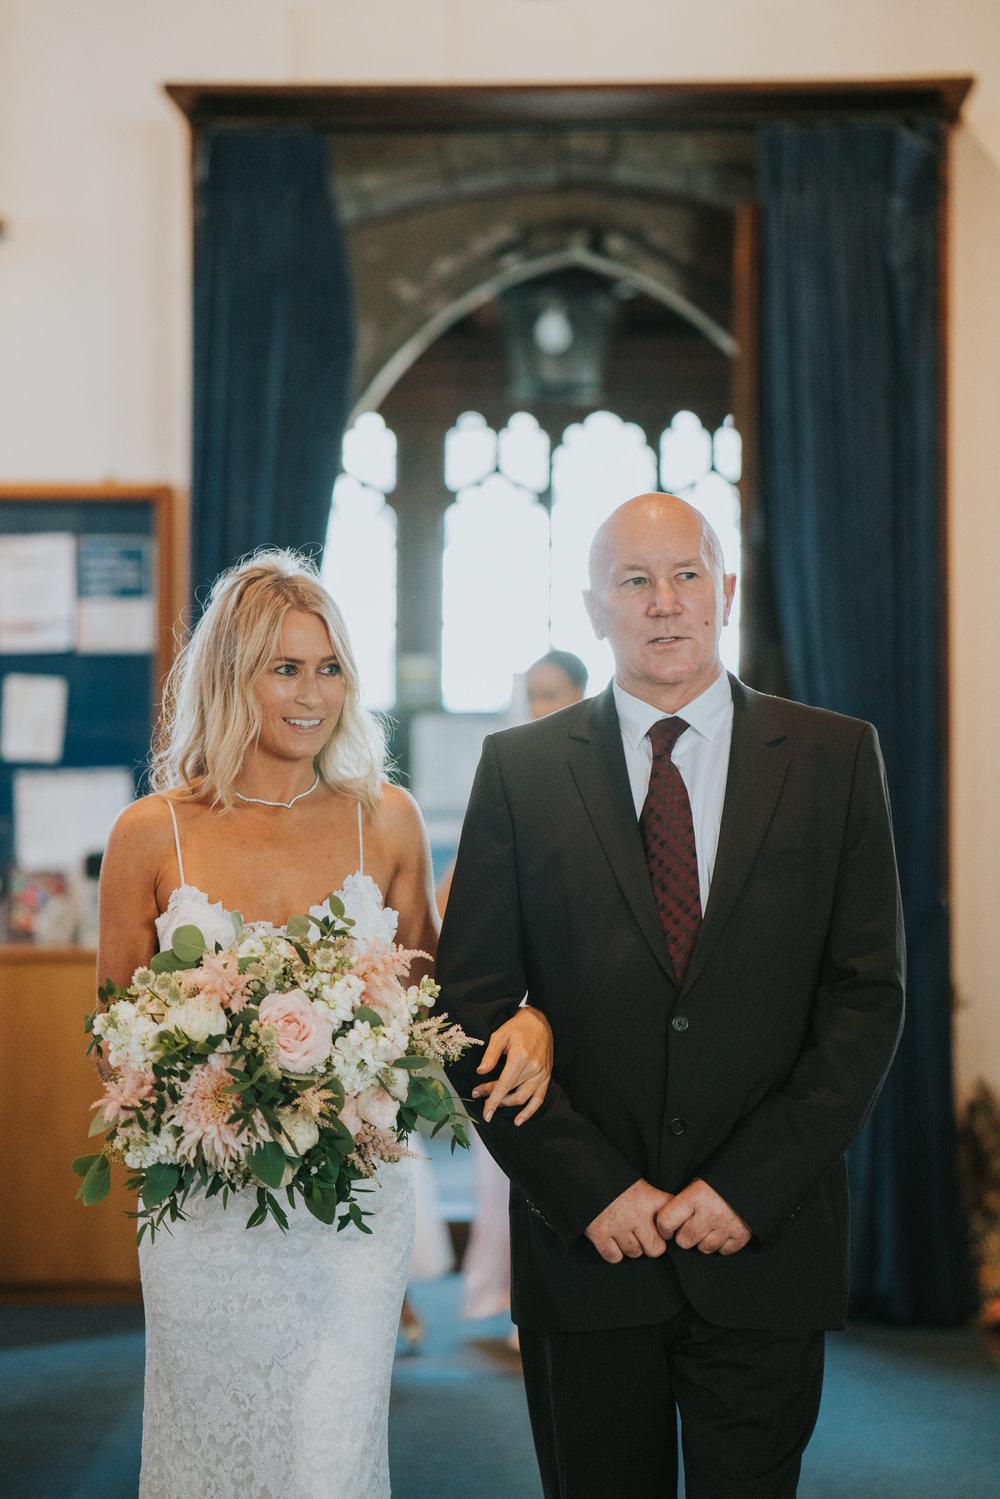 intimate-english-church-wedding-sarah-alex-colchester-essex-grace-elizabeth-colchester-essex-alternative-wedding-lifestyle-photographer-essex-suffolk-norfolk-devon (29 of 92).jpg